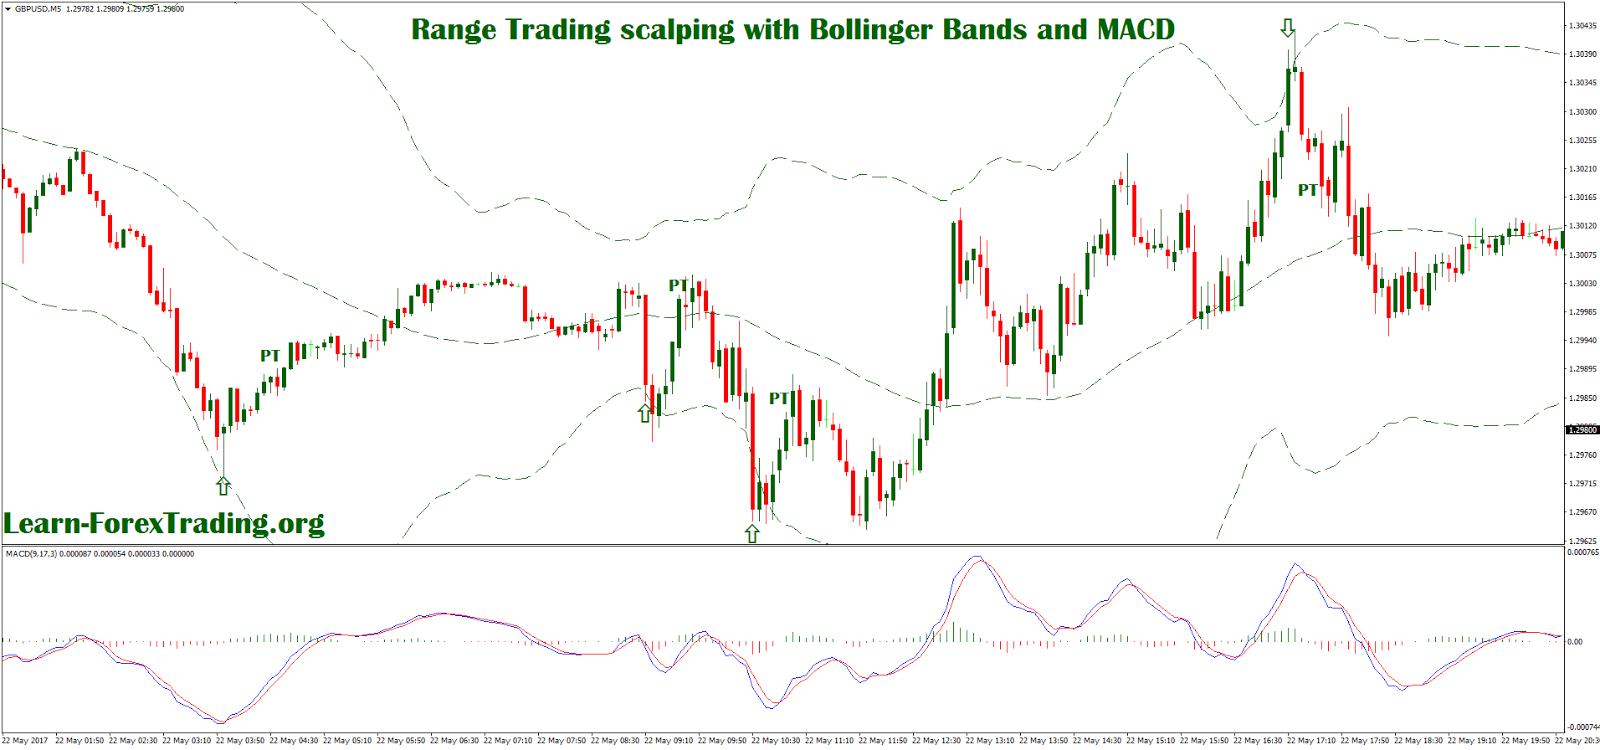 Bollinger bands range trading